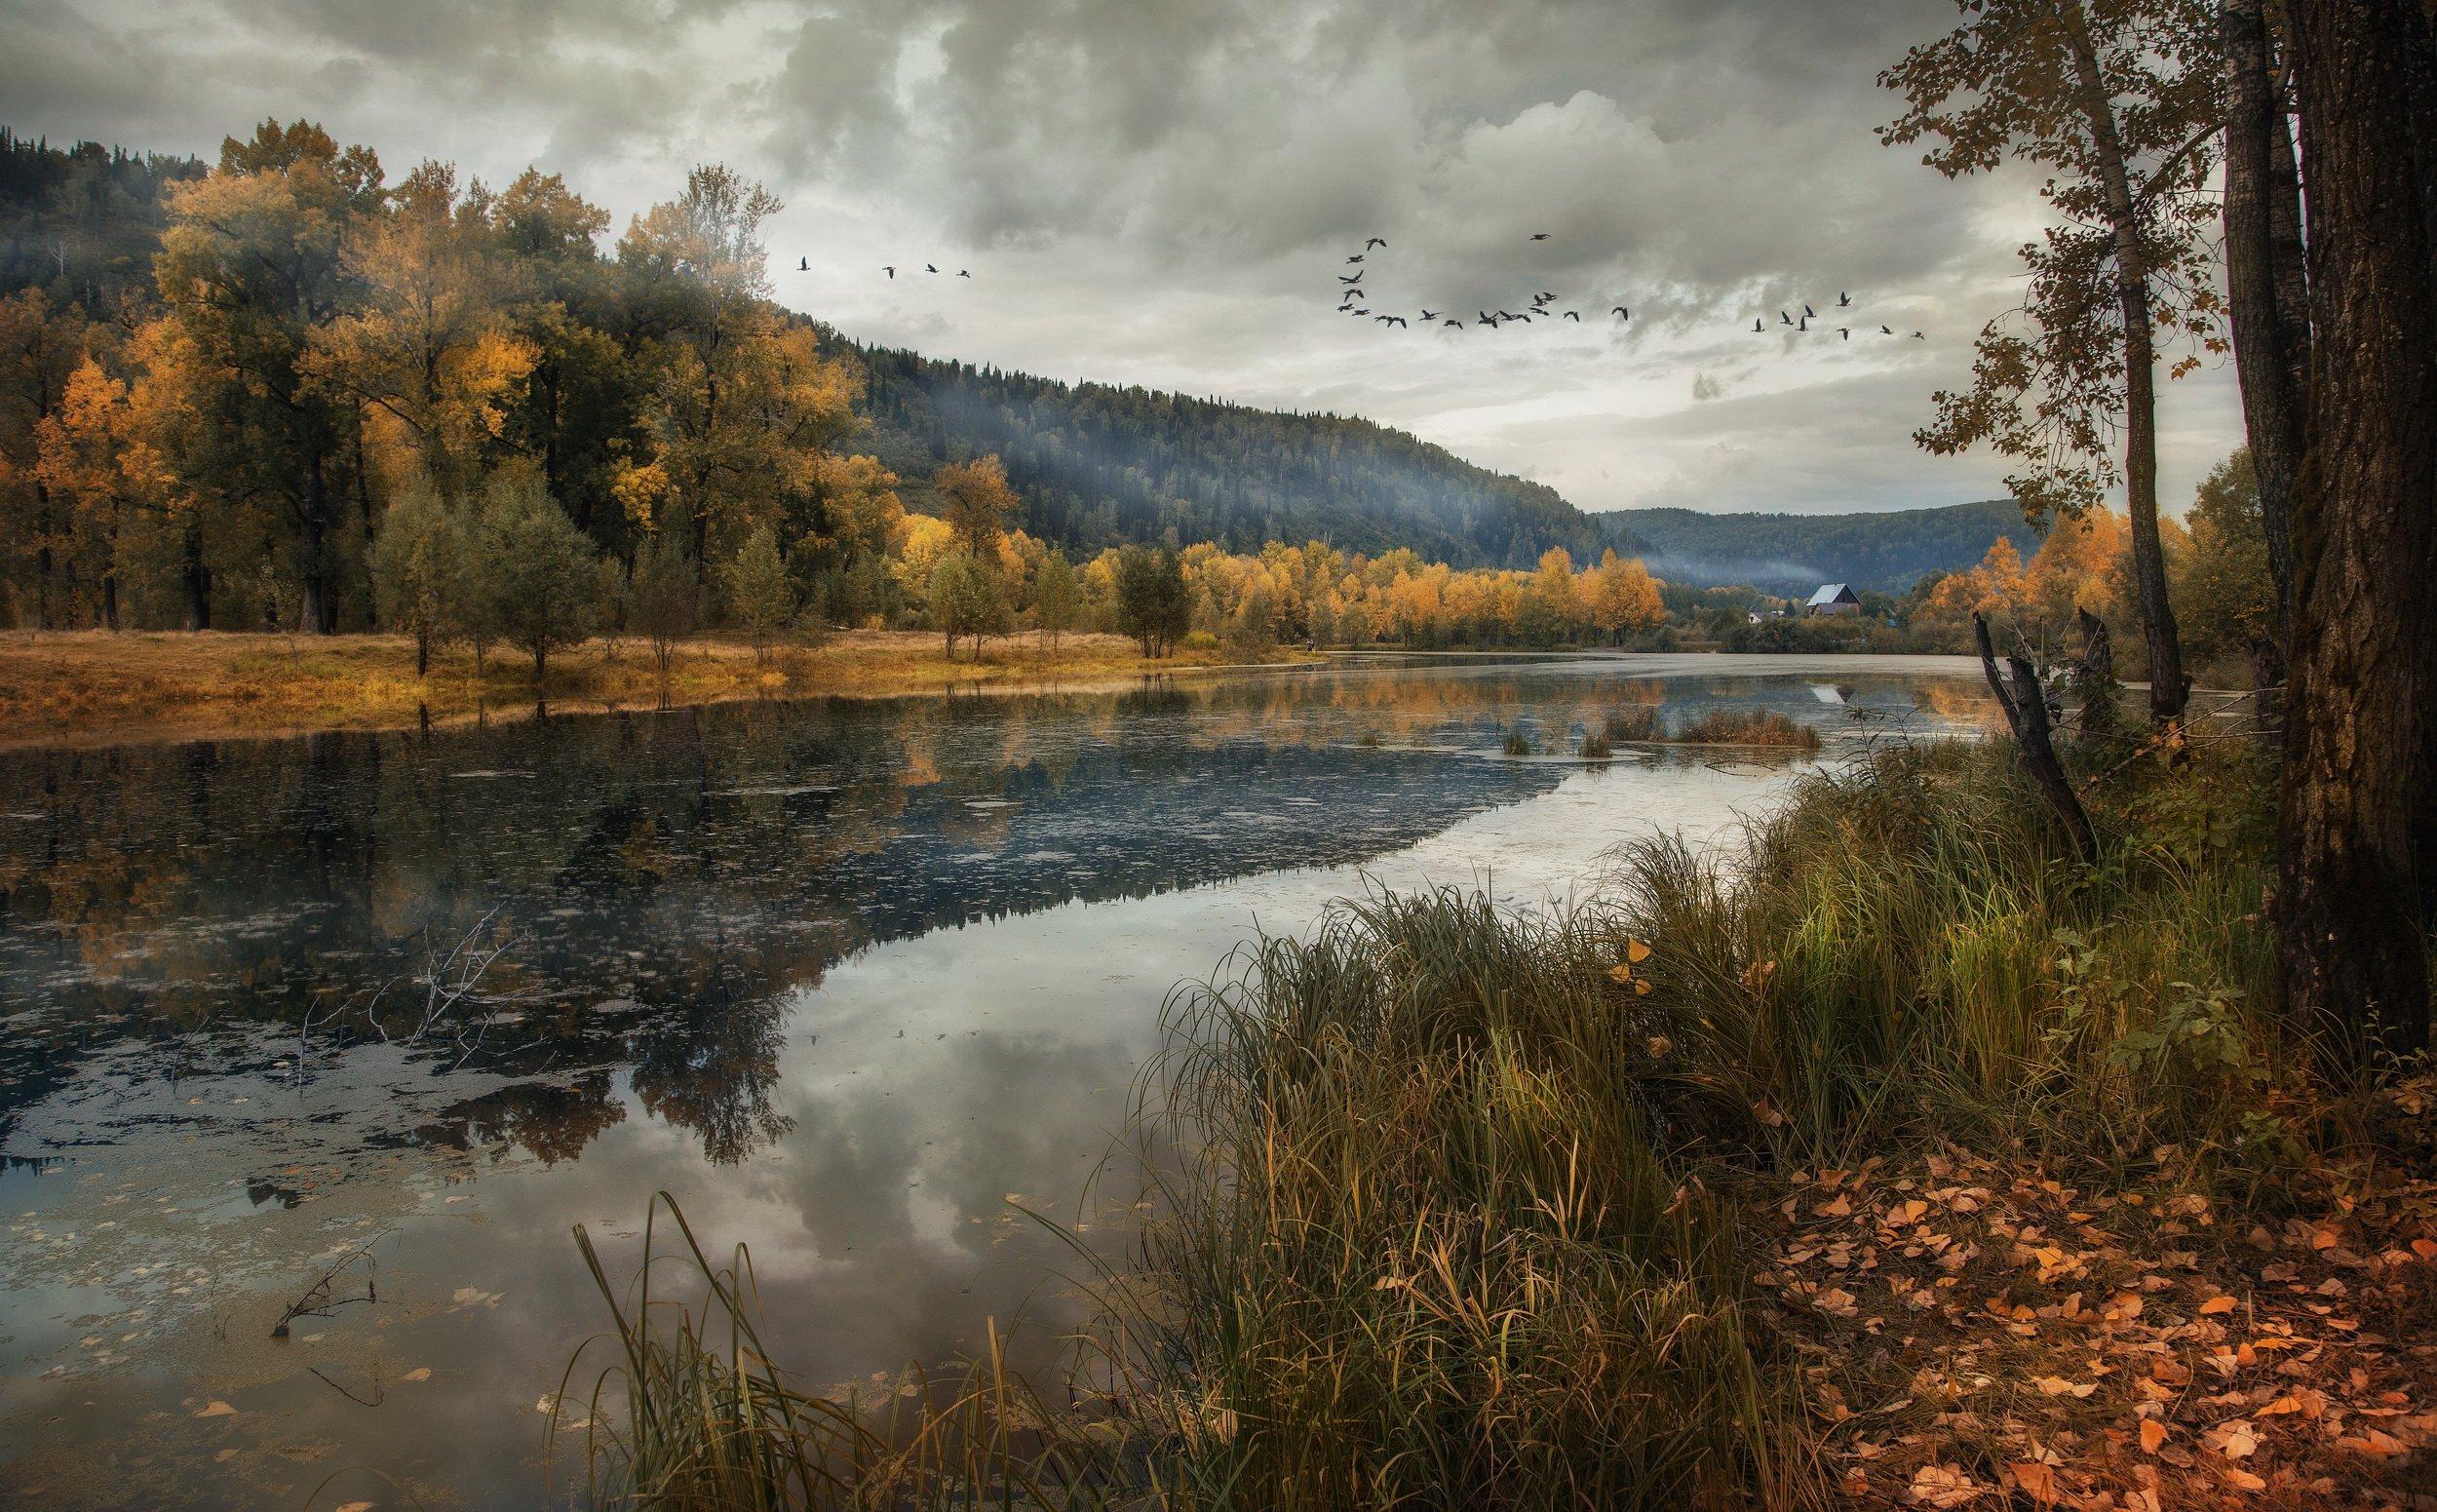 осень, пейзаж, золото листьев, природа, улус, Художников Павел